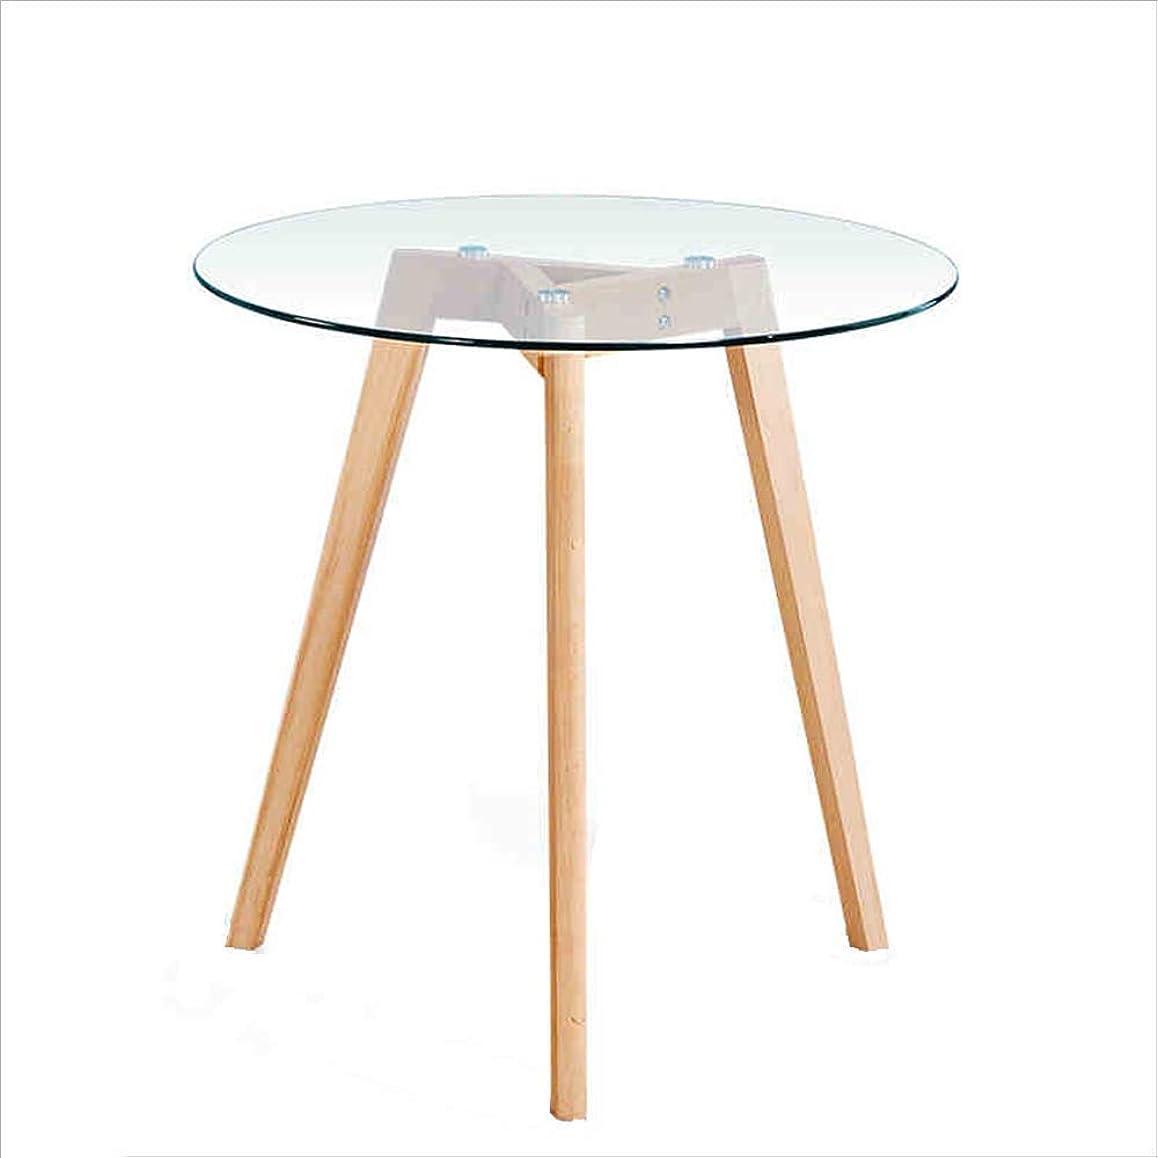 皮肉方程式急流SYF 家庭用強化ガラス小丸テーブルレセプションデスク北欧シンプルな木製丸テーブル A+ (サイズ さいず : 70cm)